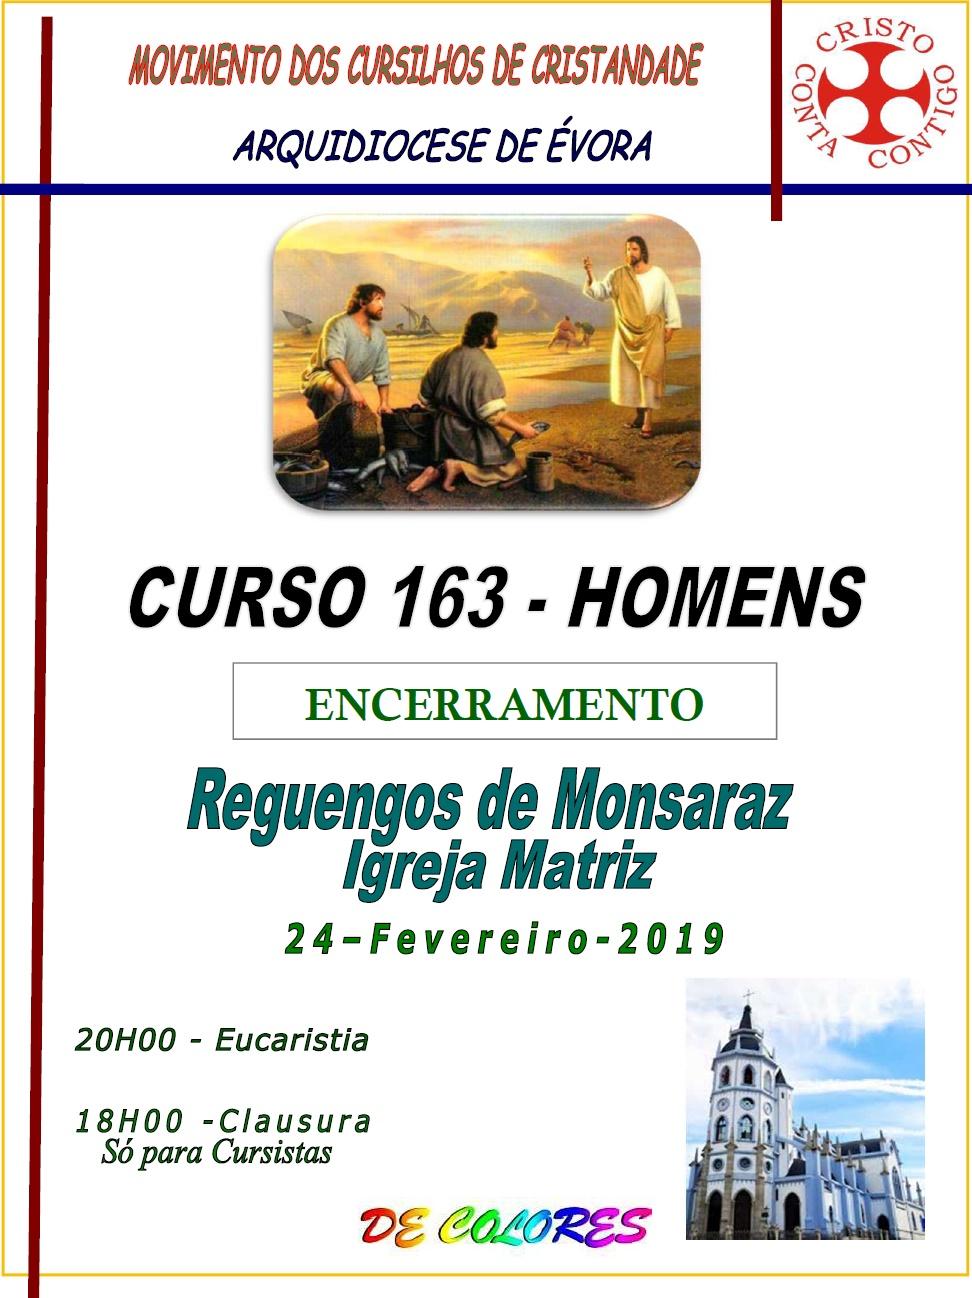 CURSILHOS DE CRISTANDADE - 163